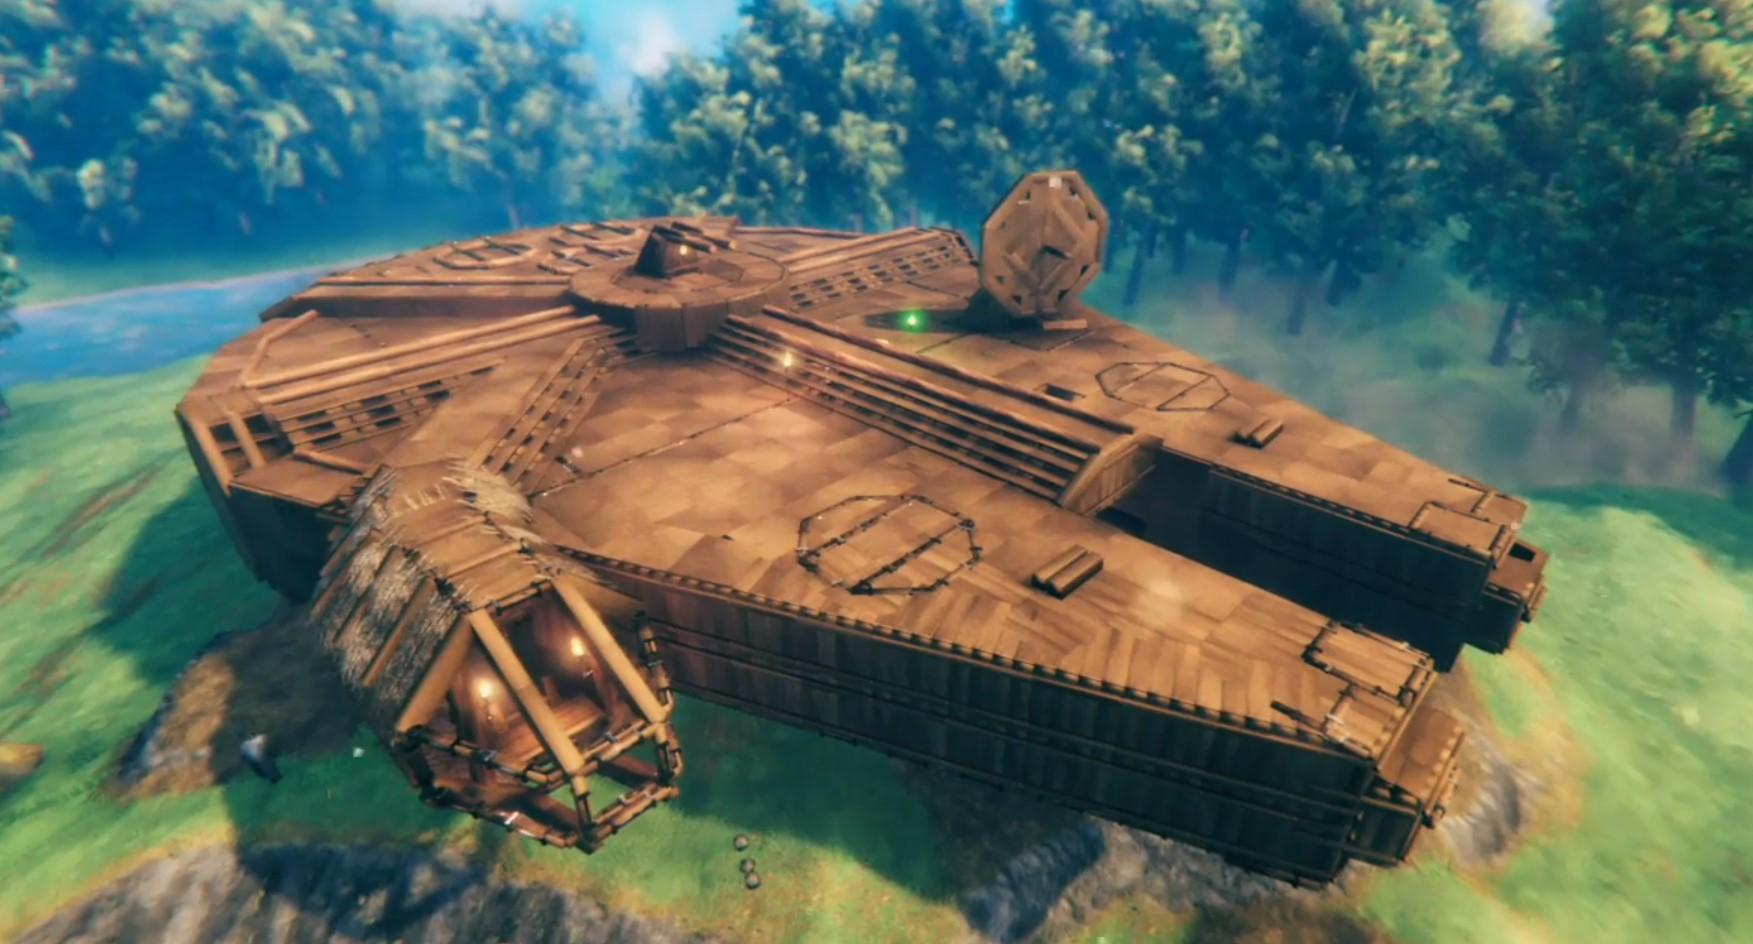 «Архитекторов не остановить»: игрок создал «Тысячелетний сокол» в Valheim